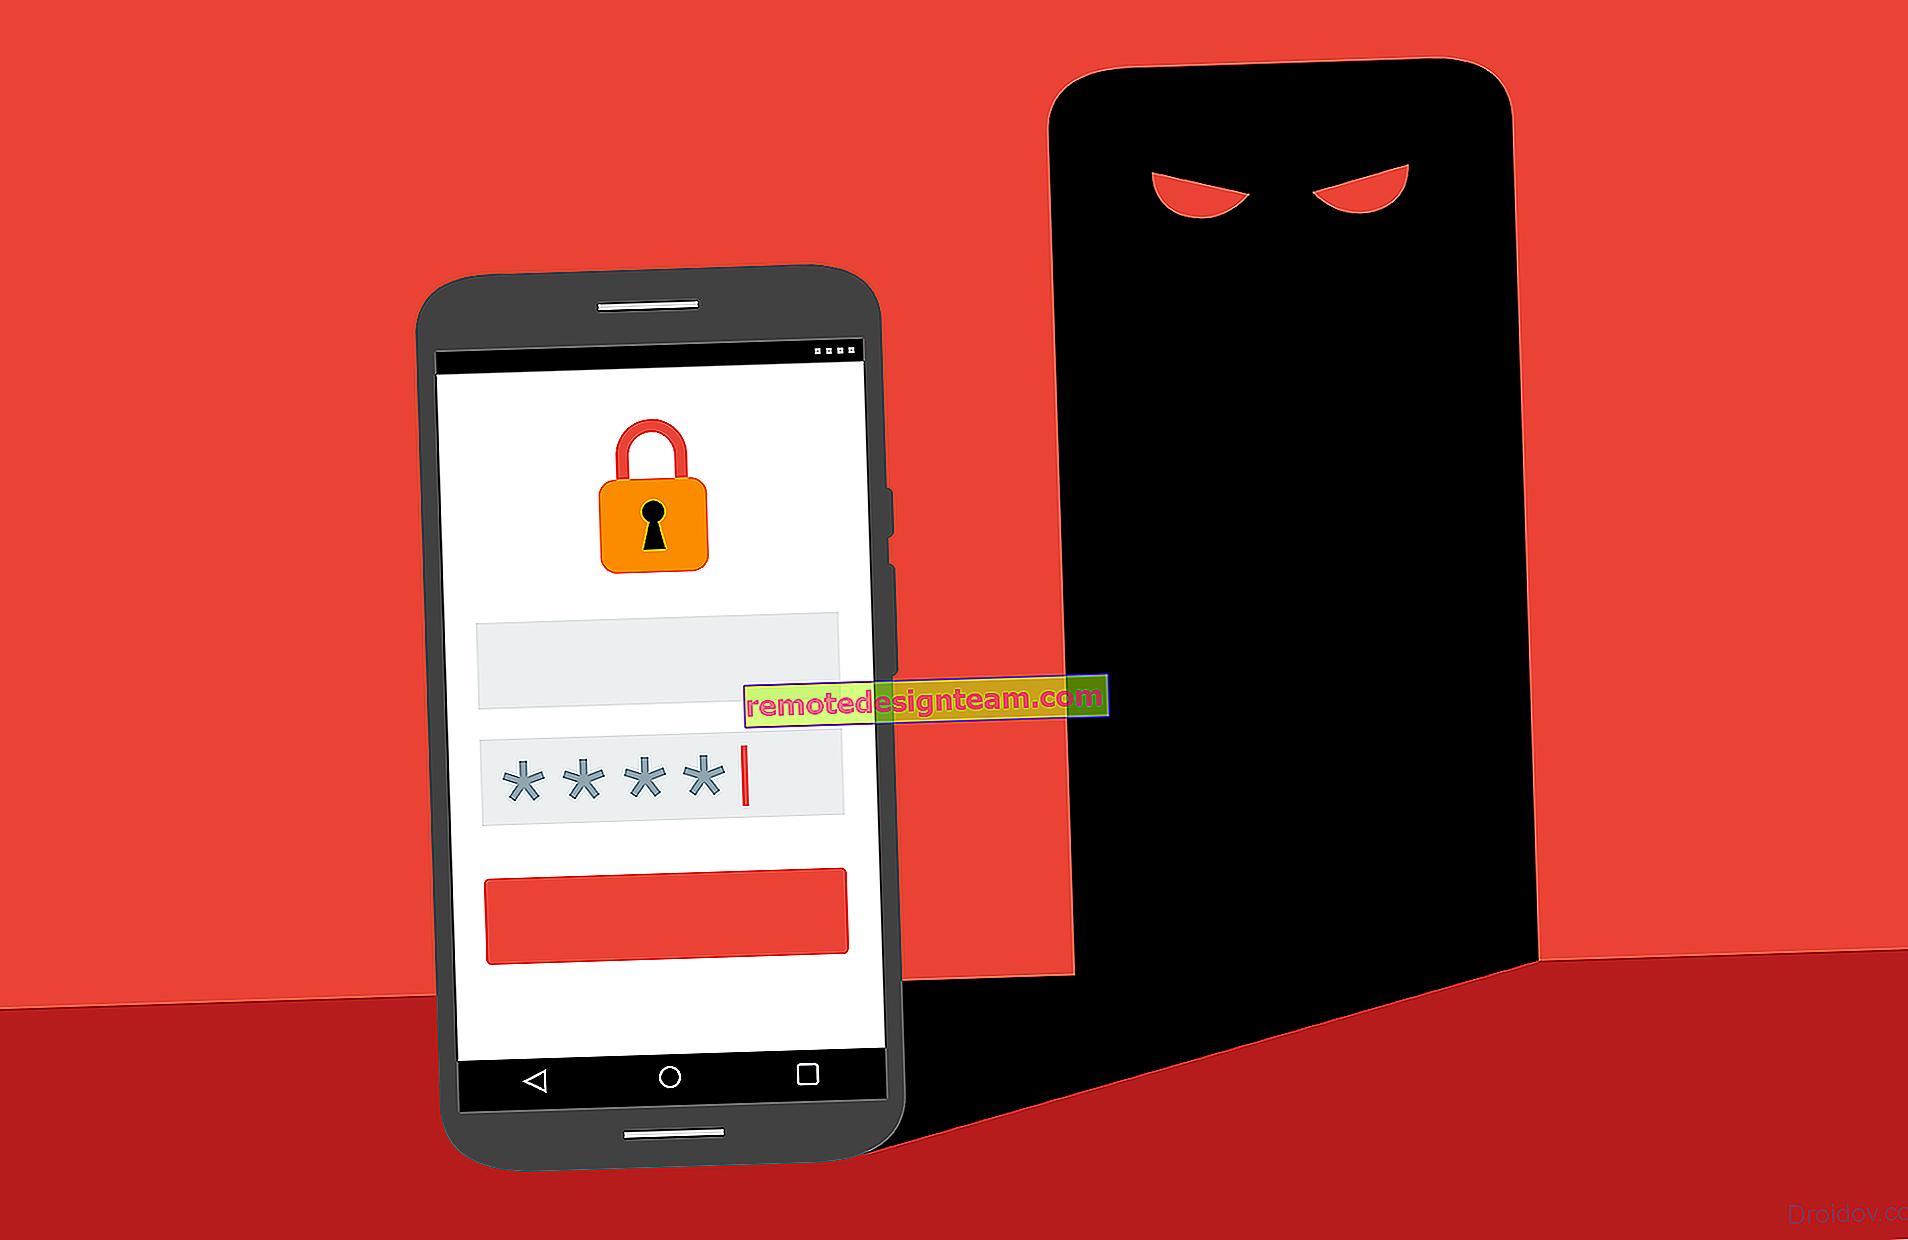 Errore di autenticazione Wi-Fi su telefono Android, tablet